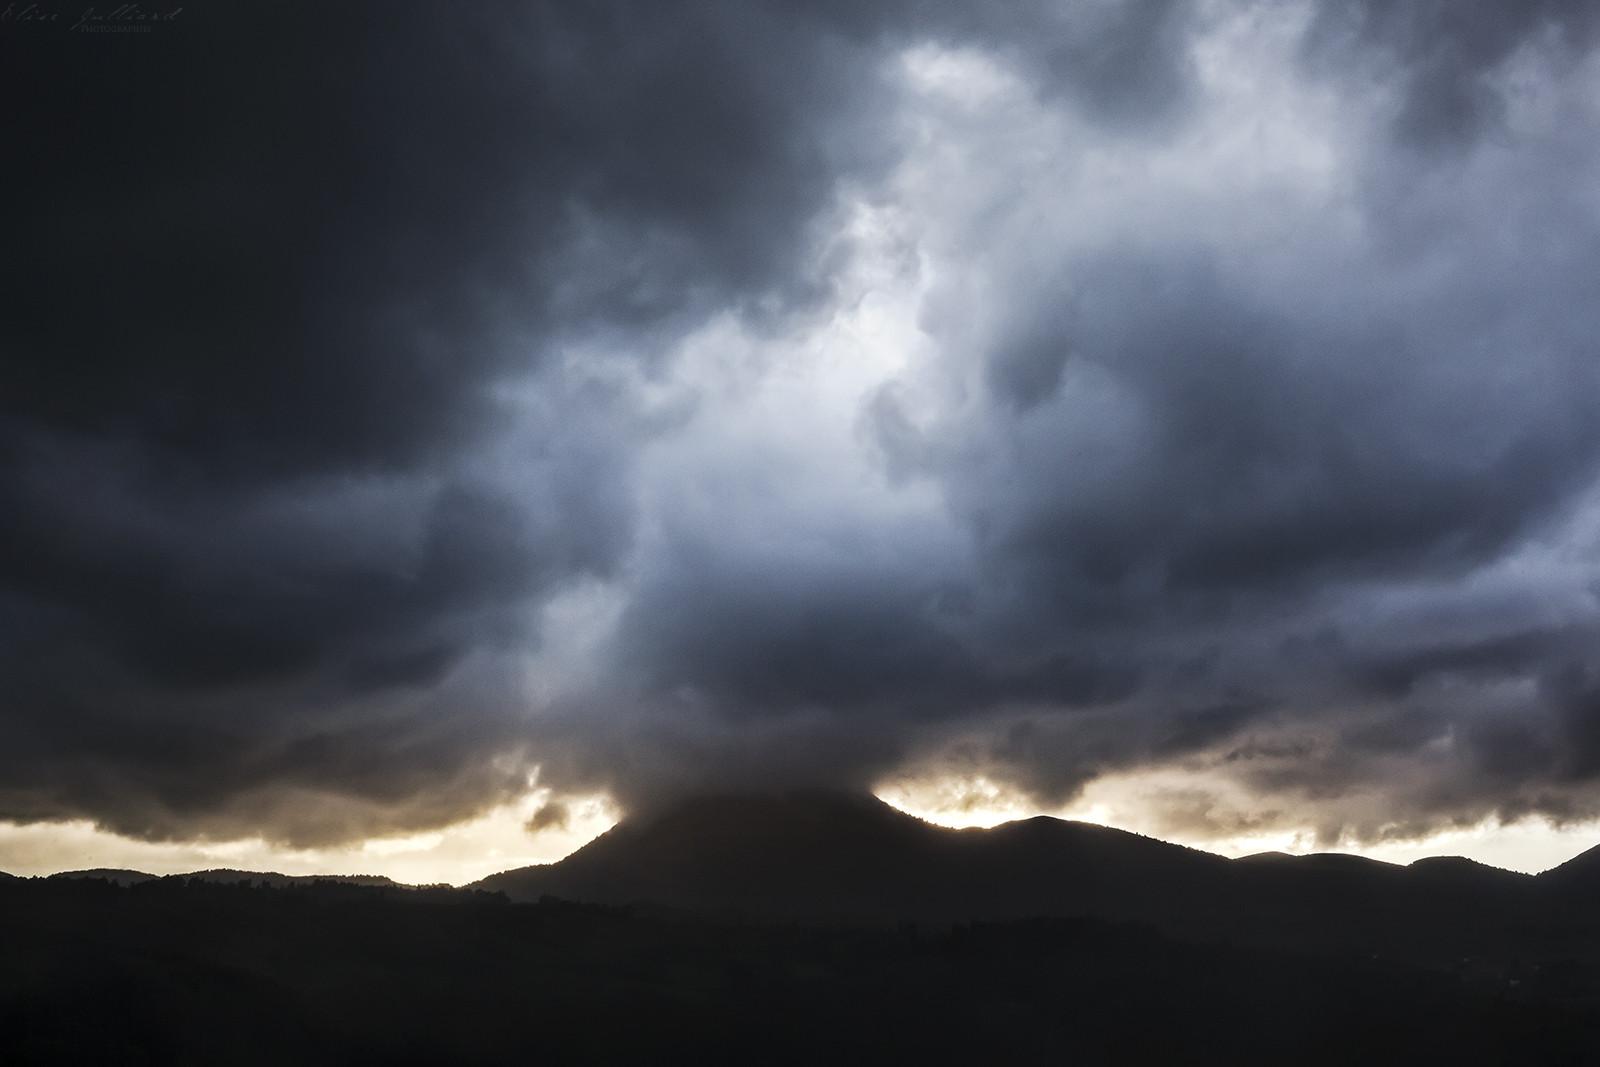 elise-julliard-photographe-lyon-auvergne-rhone-alpes-puy-de-dome-paysage-orage-volcan-montagne-coucher-de-soleil-clermont-ferrand